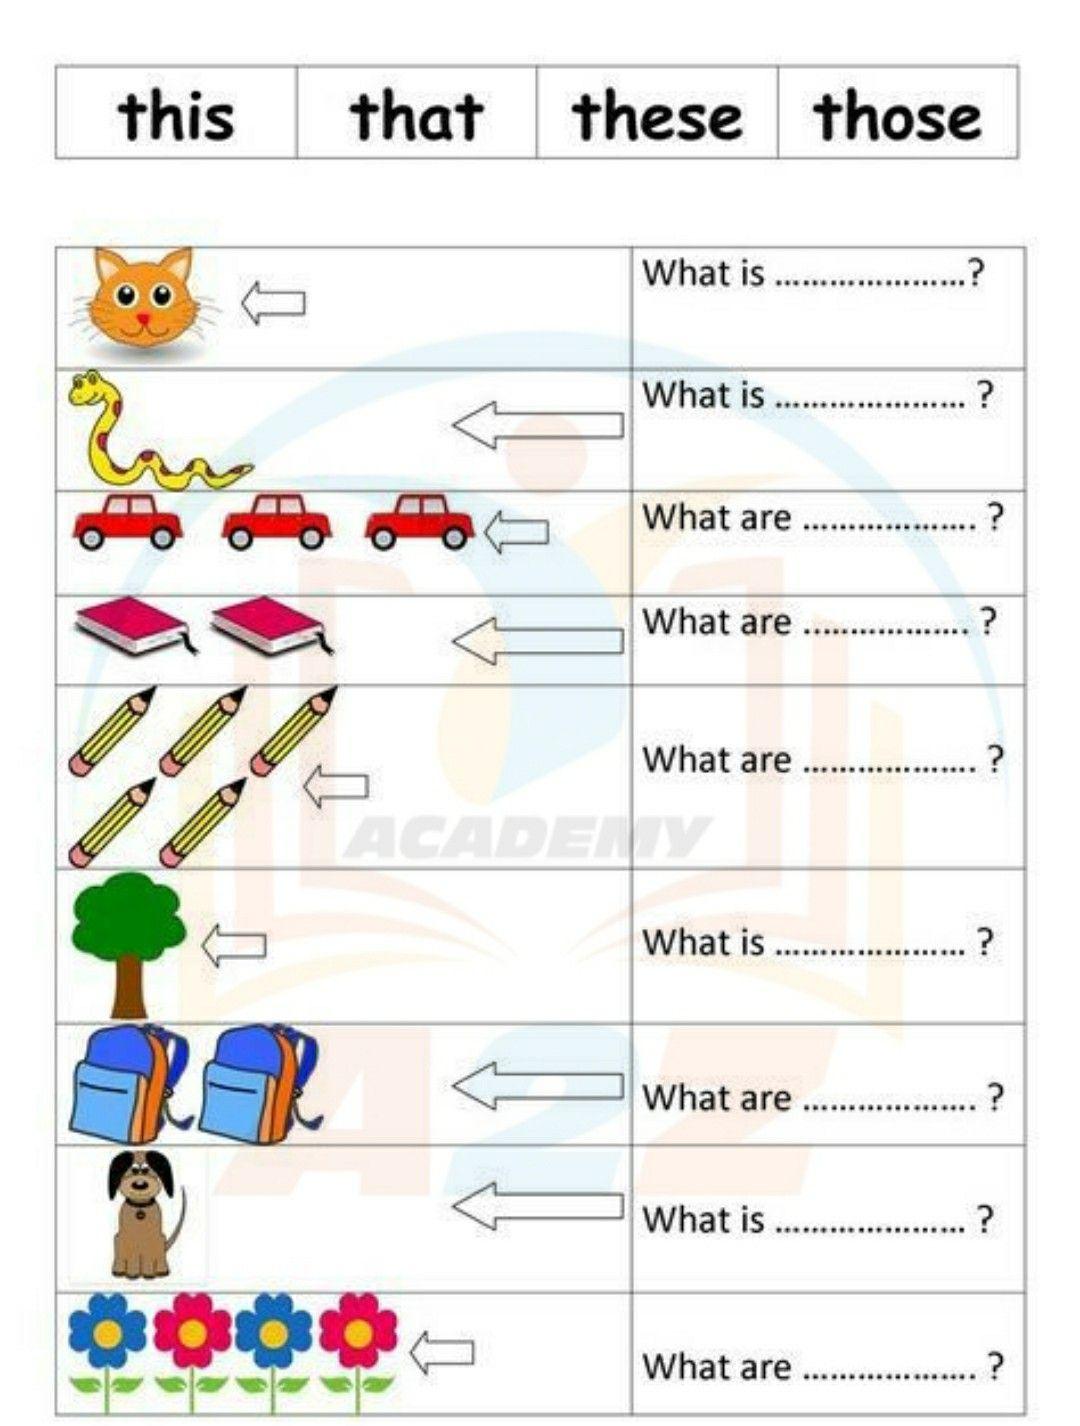 Grade 1 English Grammar Worksheet This That These And Those In 2020 English Grammar Worksheets Grammar Worksheets 1st Grade Worksheets